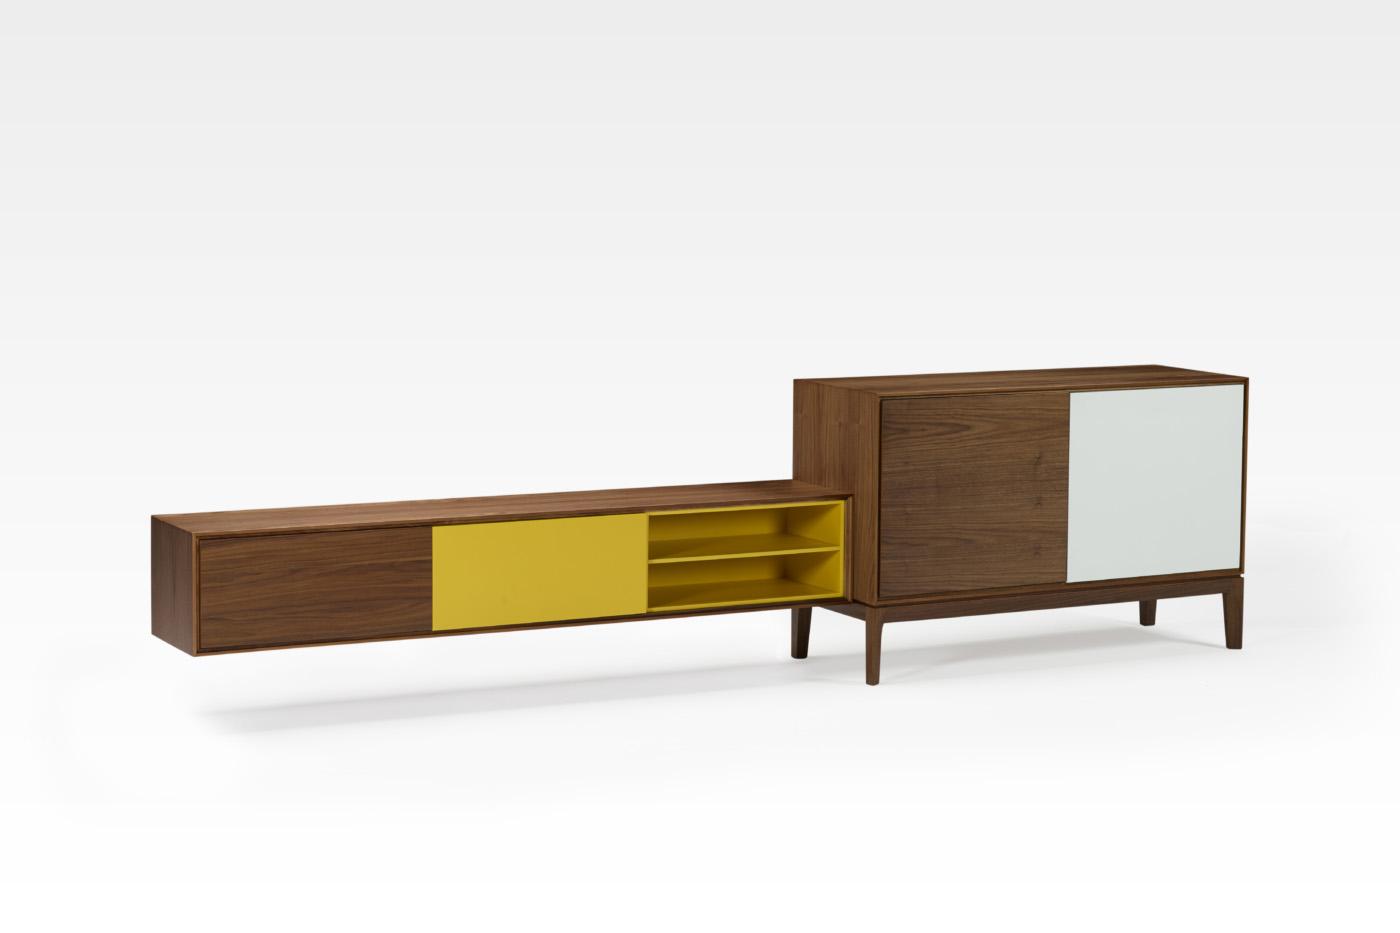 Meuble en bois design et de qualit dasras meuble et for Marque mobilier design